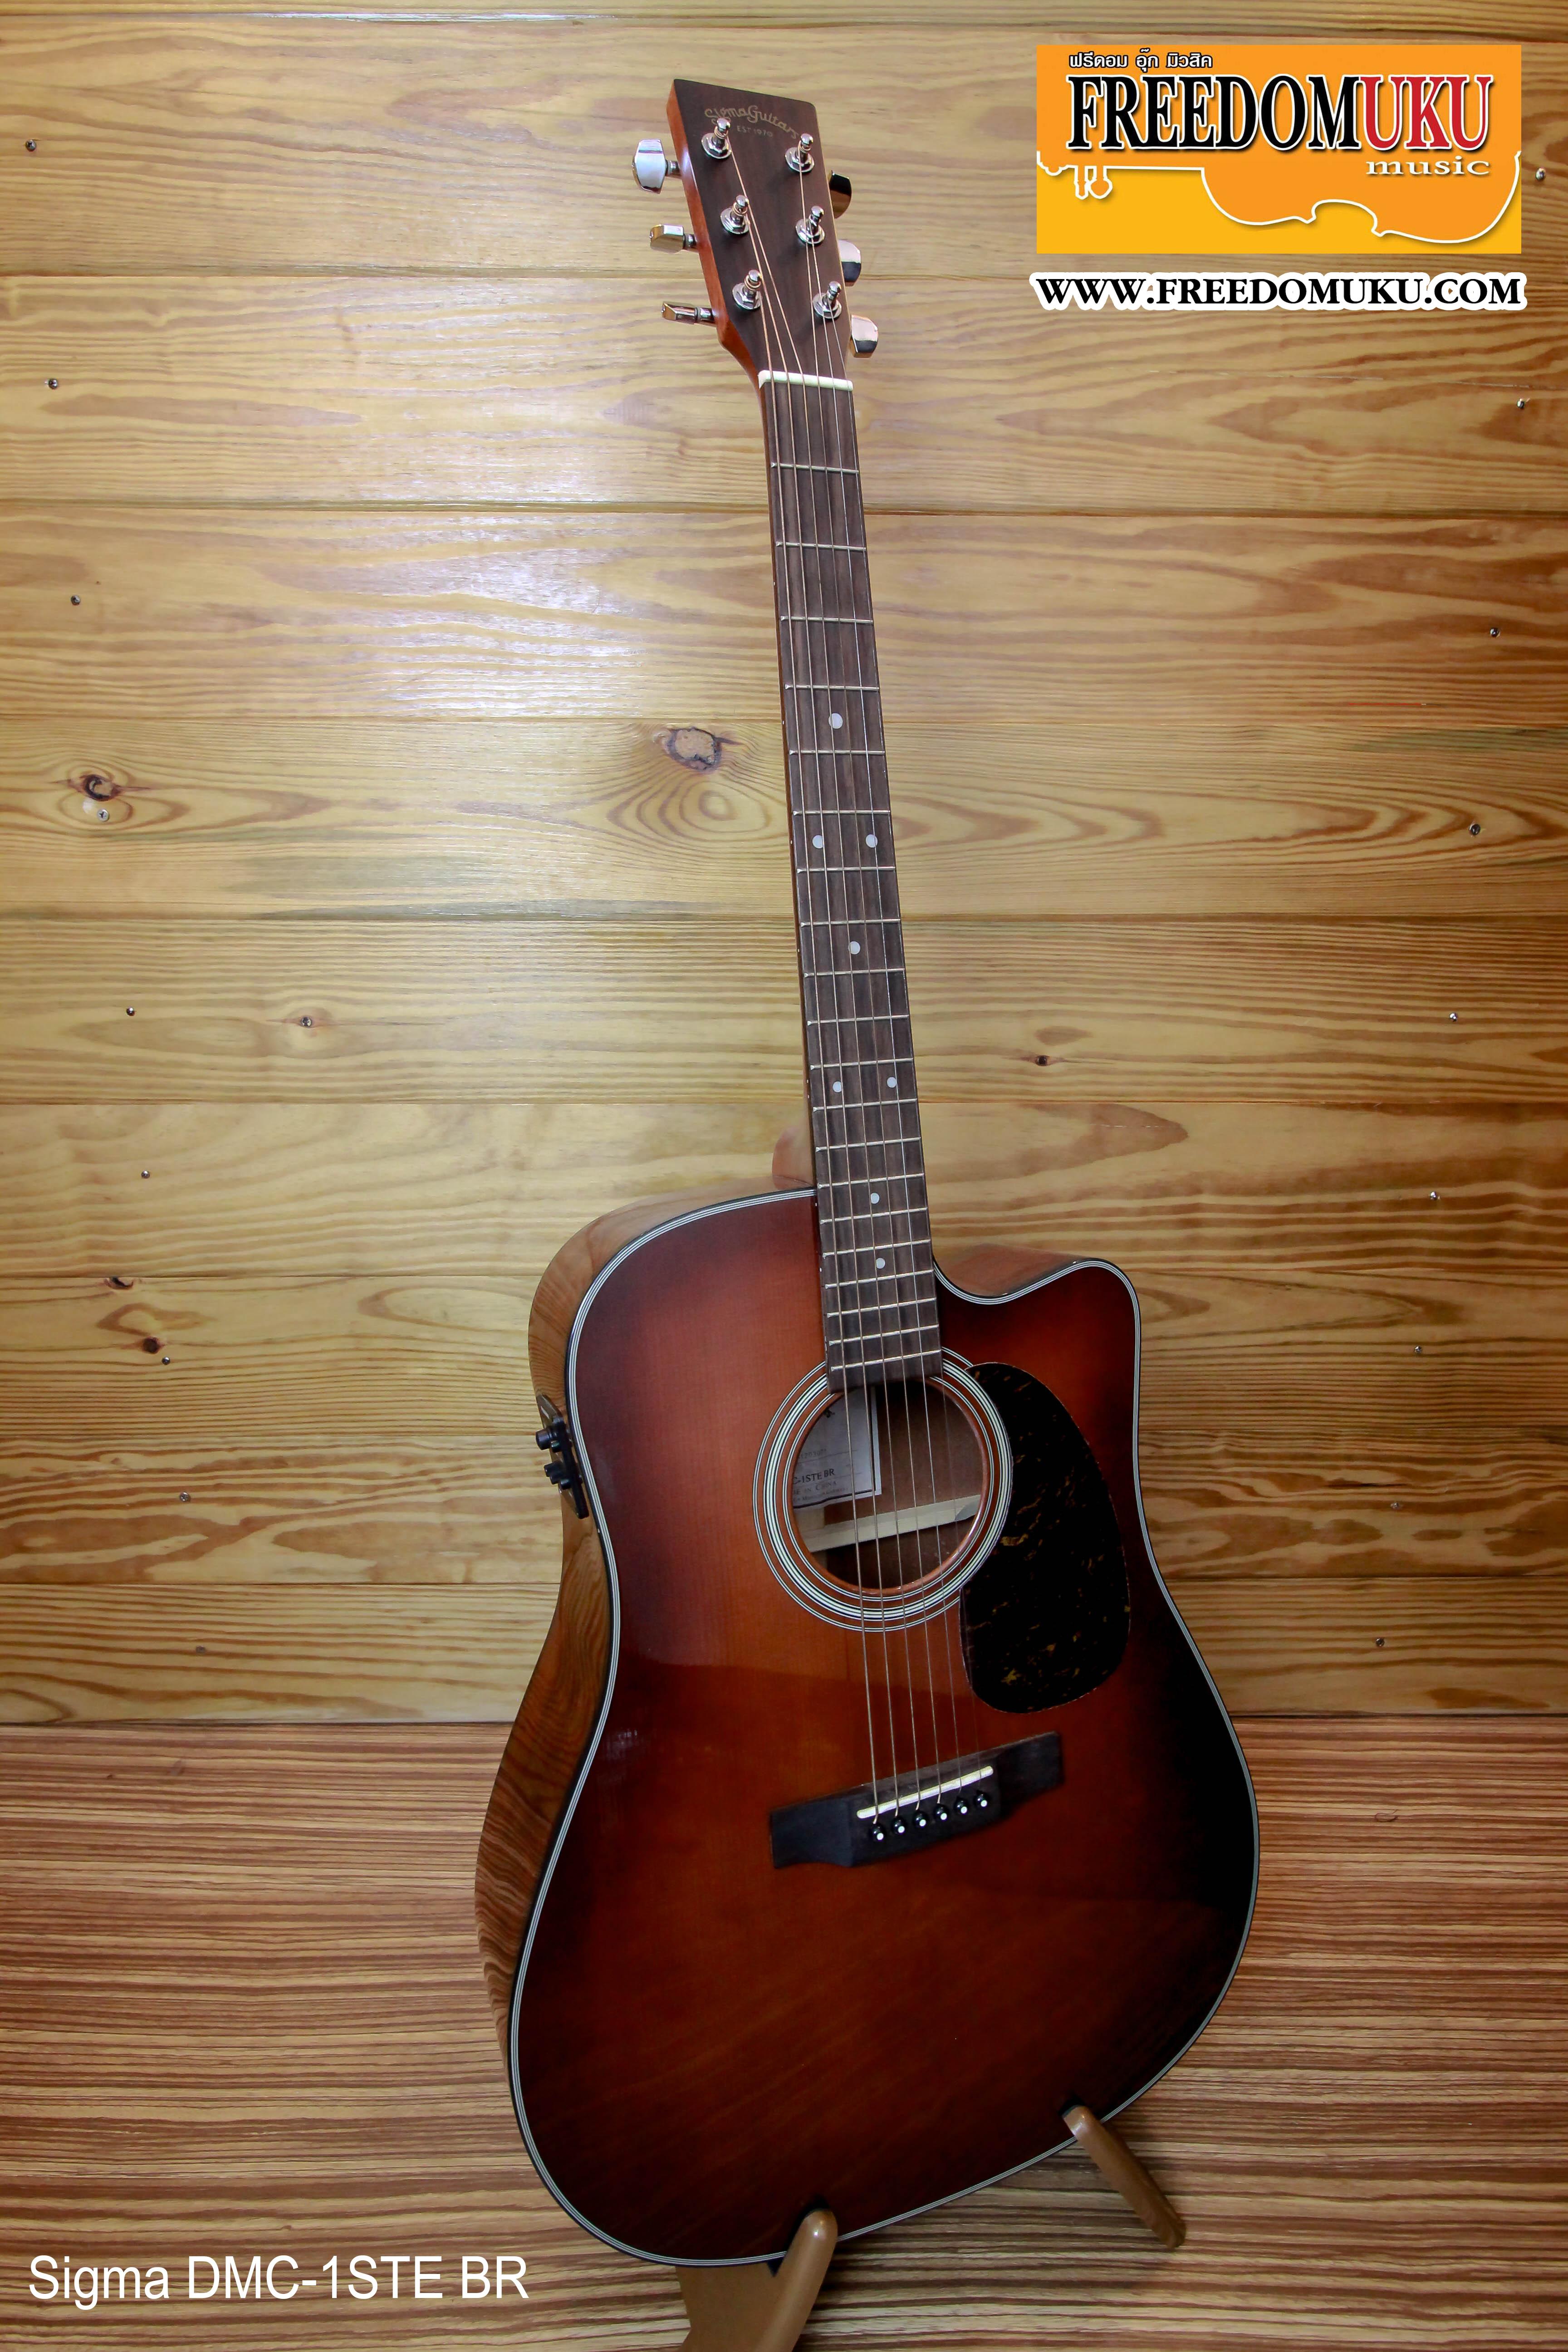 Sigma Guitar DMC-1STE BR